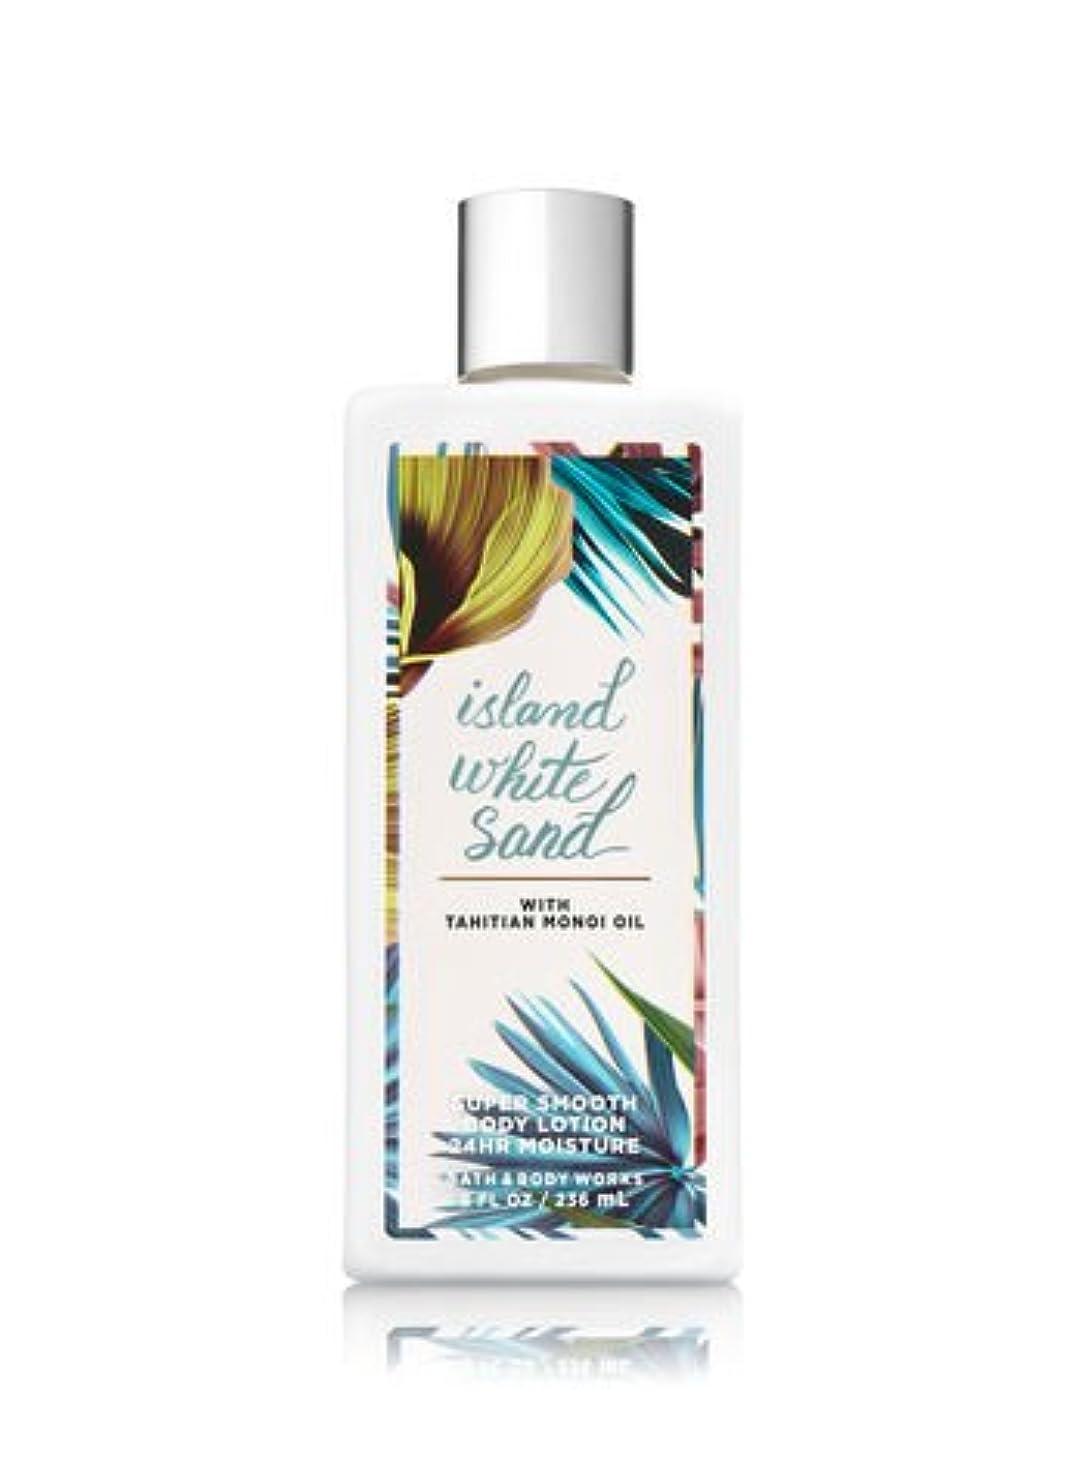 思想フェッチゴルフ【Bath&Body Works/バス&ボディワークス】 ボディローション アイランドホワイトサンド Super Smooth Body Lotion Island White Sand 8 fl oz / 236 mL [並行輸入品]